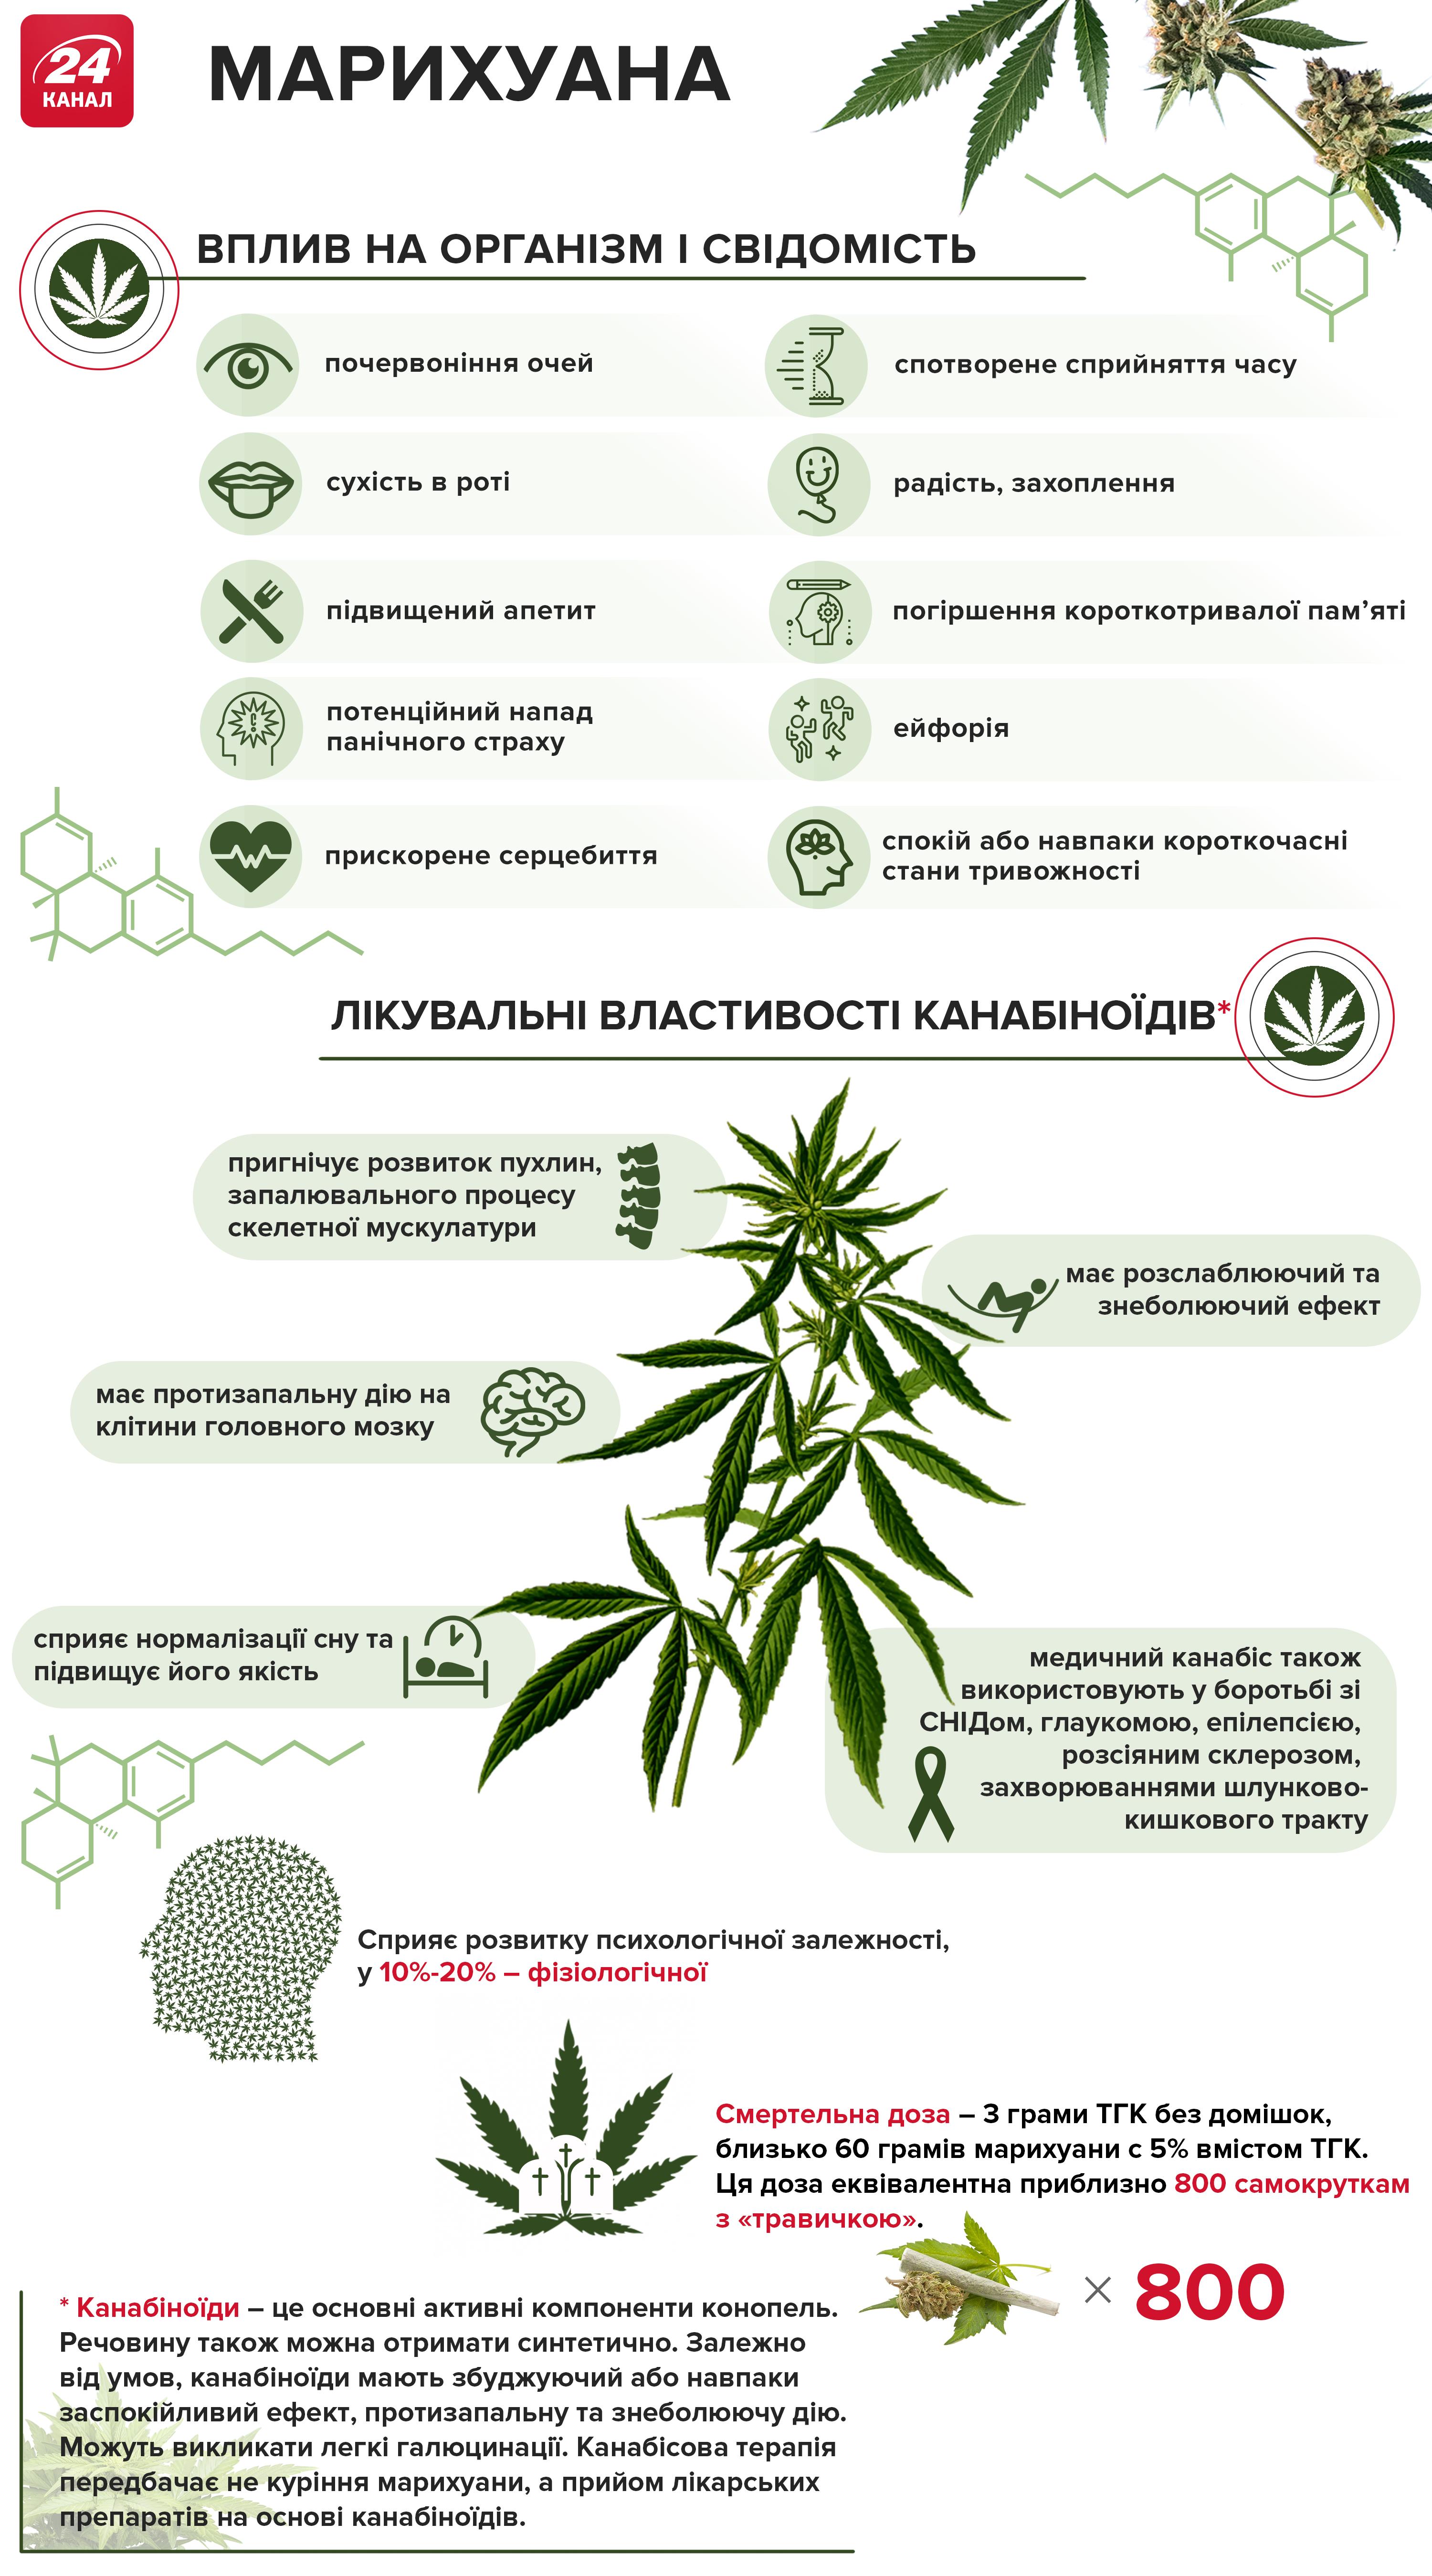 Польза конопли марихуаны рисунок хной марихуана